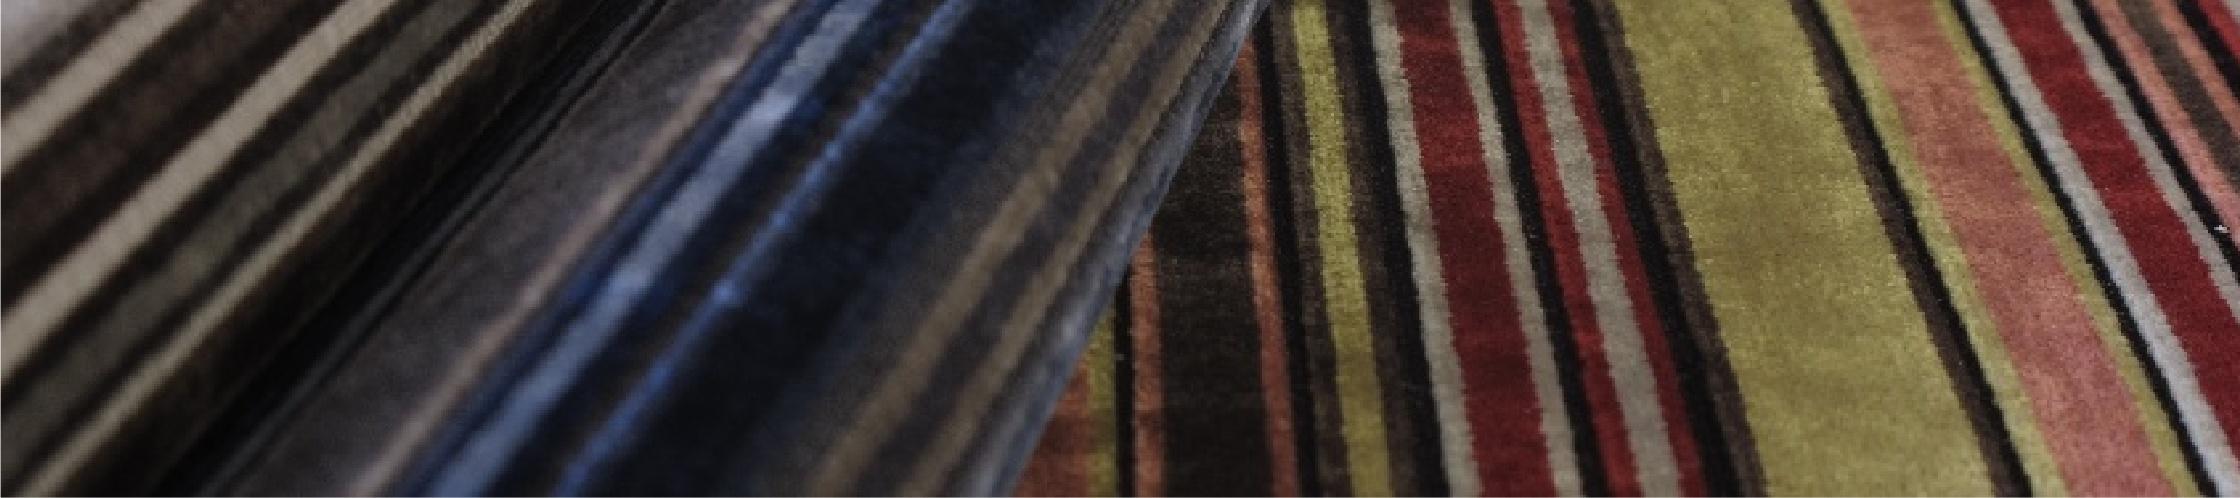 Velvet Stripe Fabric Velvet Stripe Upholstery Fabric Velvet Stripe Curtain Fabric Gorgeous Vel